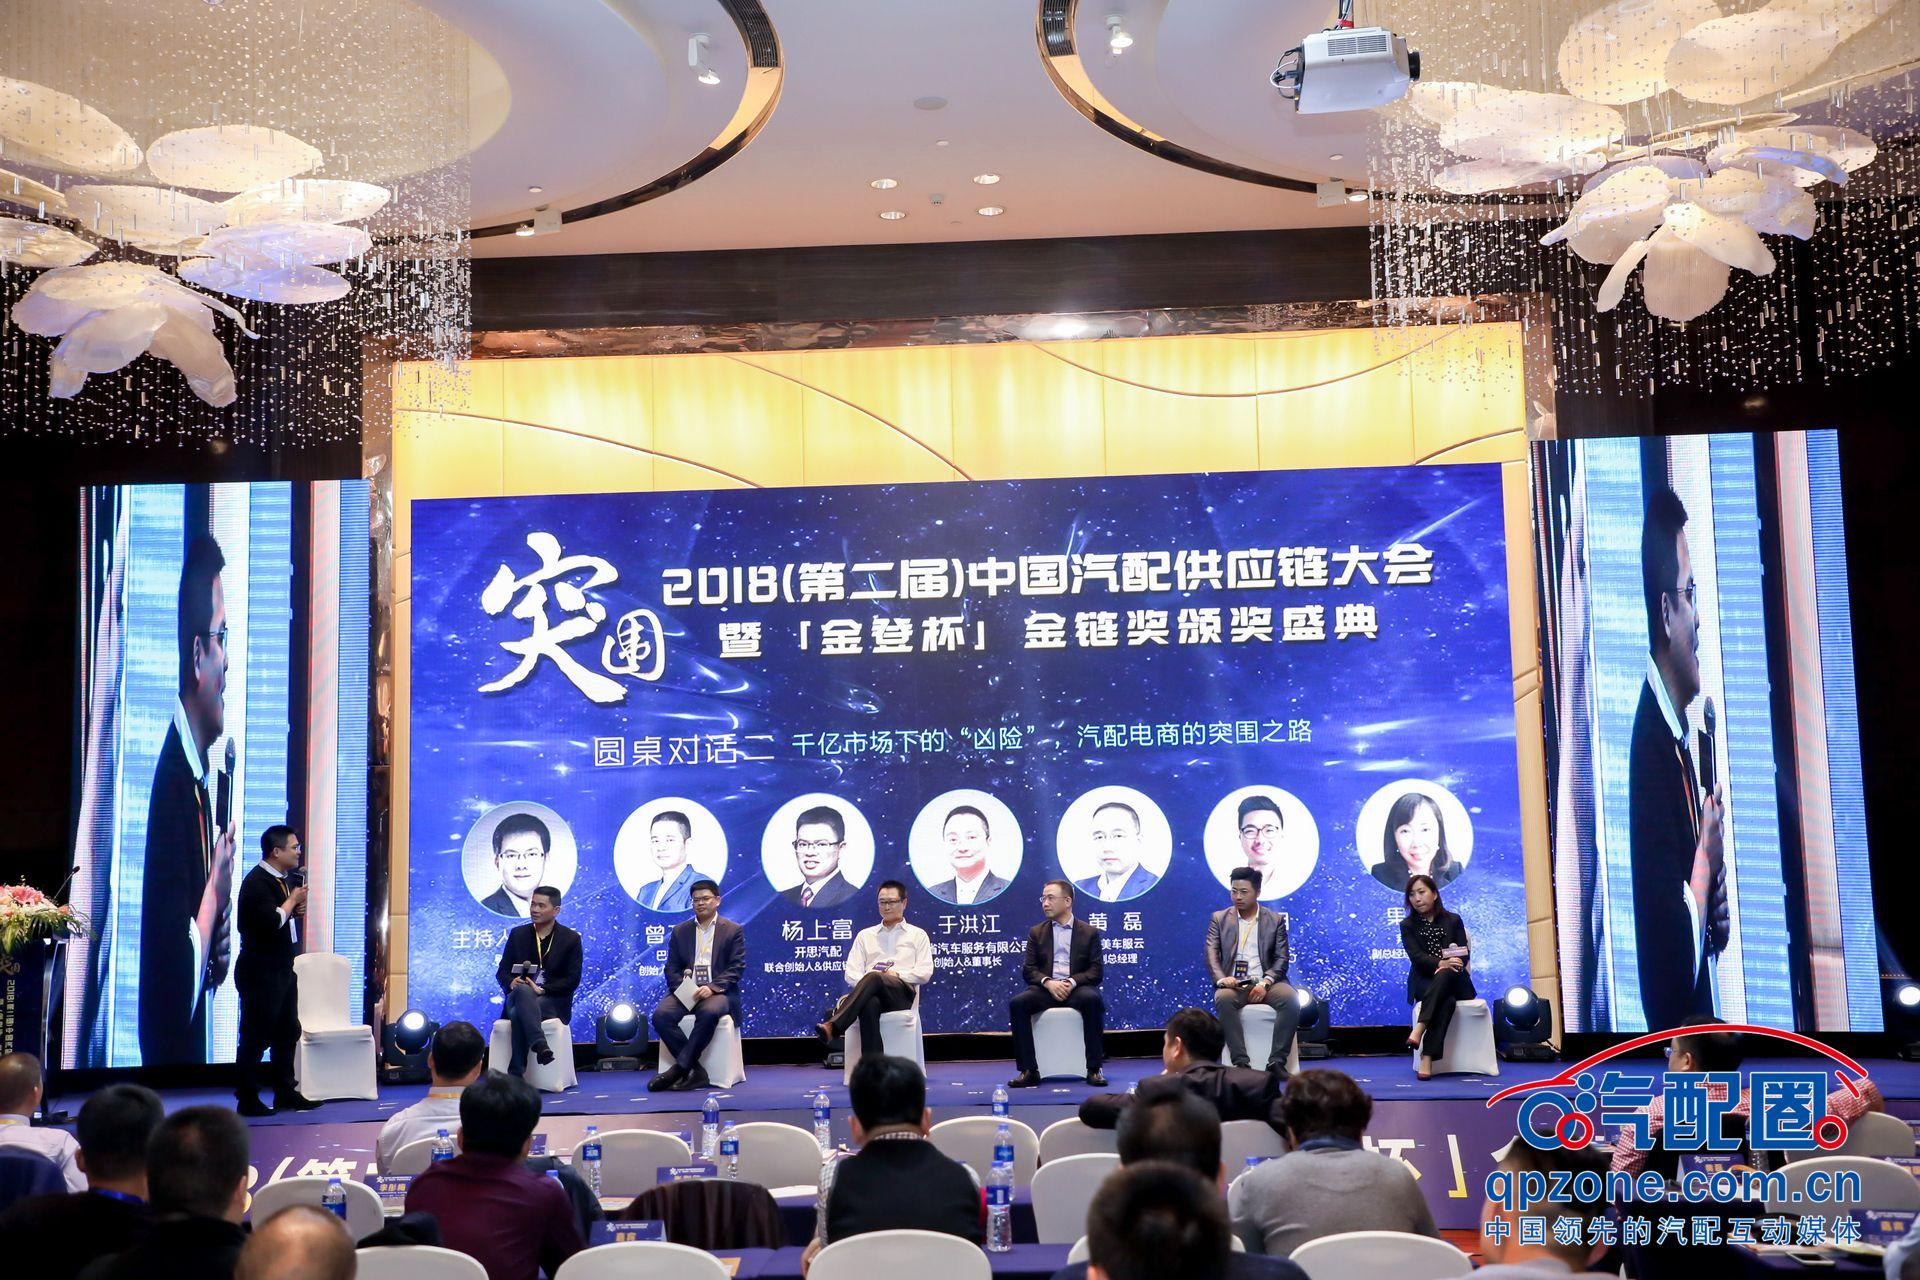 嘉宾从左往右依次为:张杰、曾万贵、杨上富、于洪江、黄磊、李明、果巍